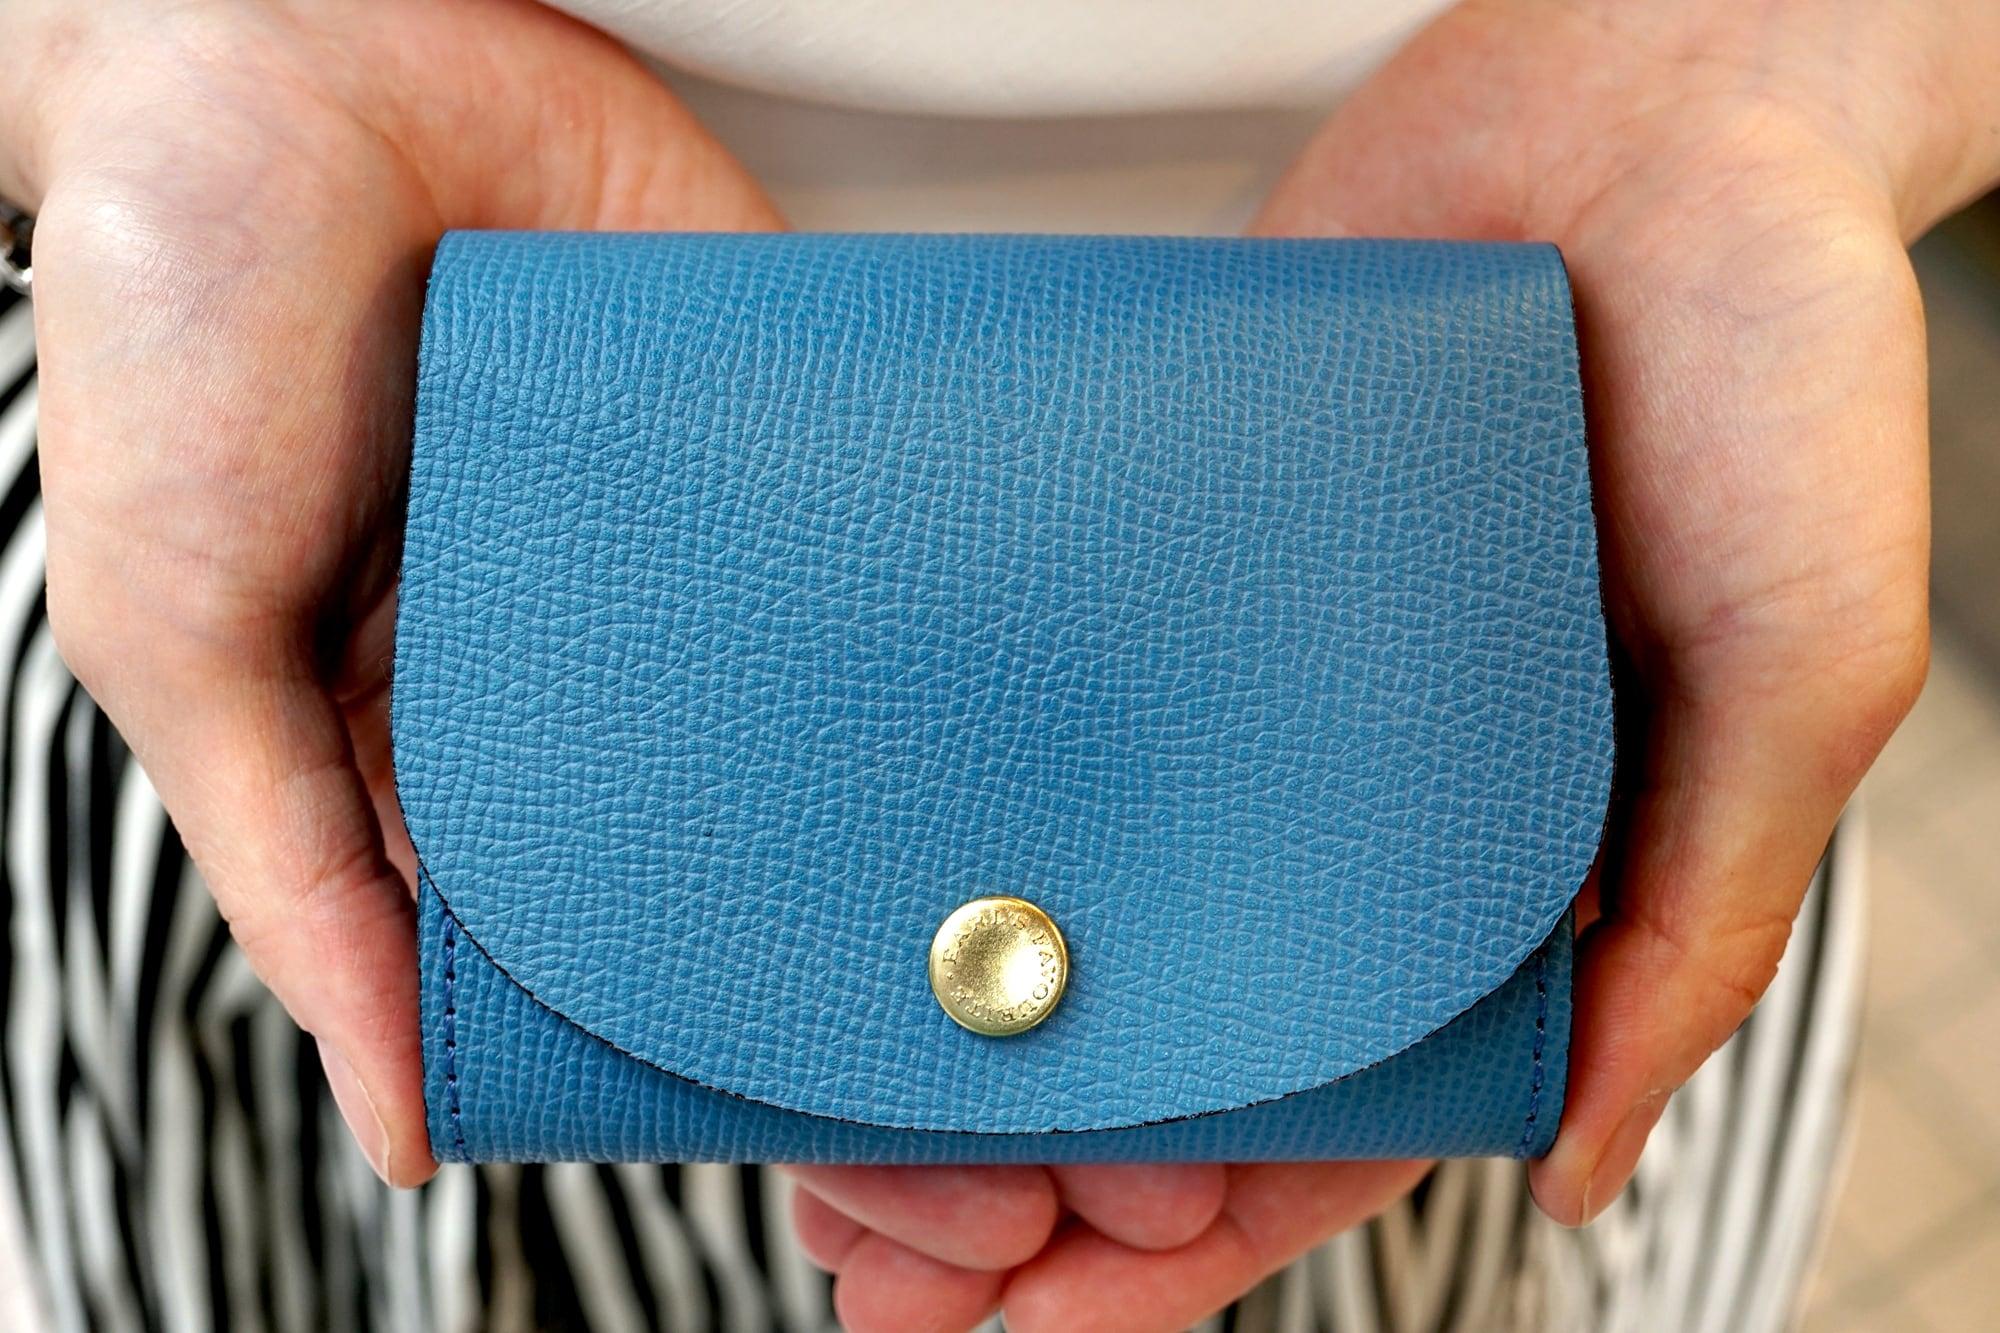 身軽にキメたい時のコンパクト財布 ぷっくり型・パーティーレザーターコイズ